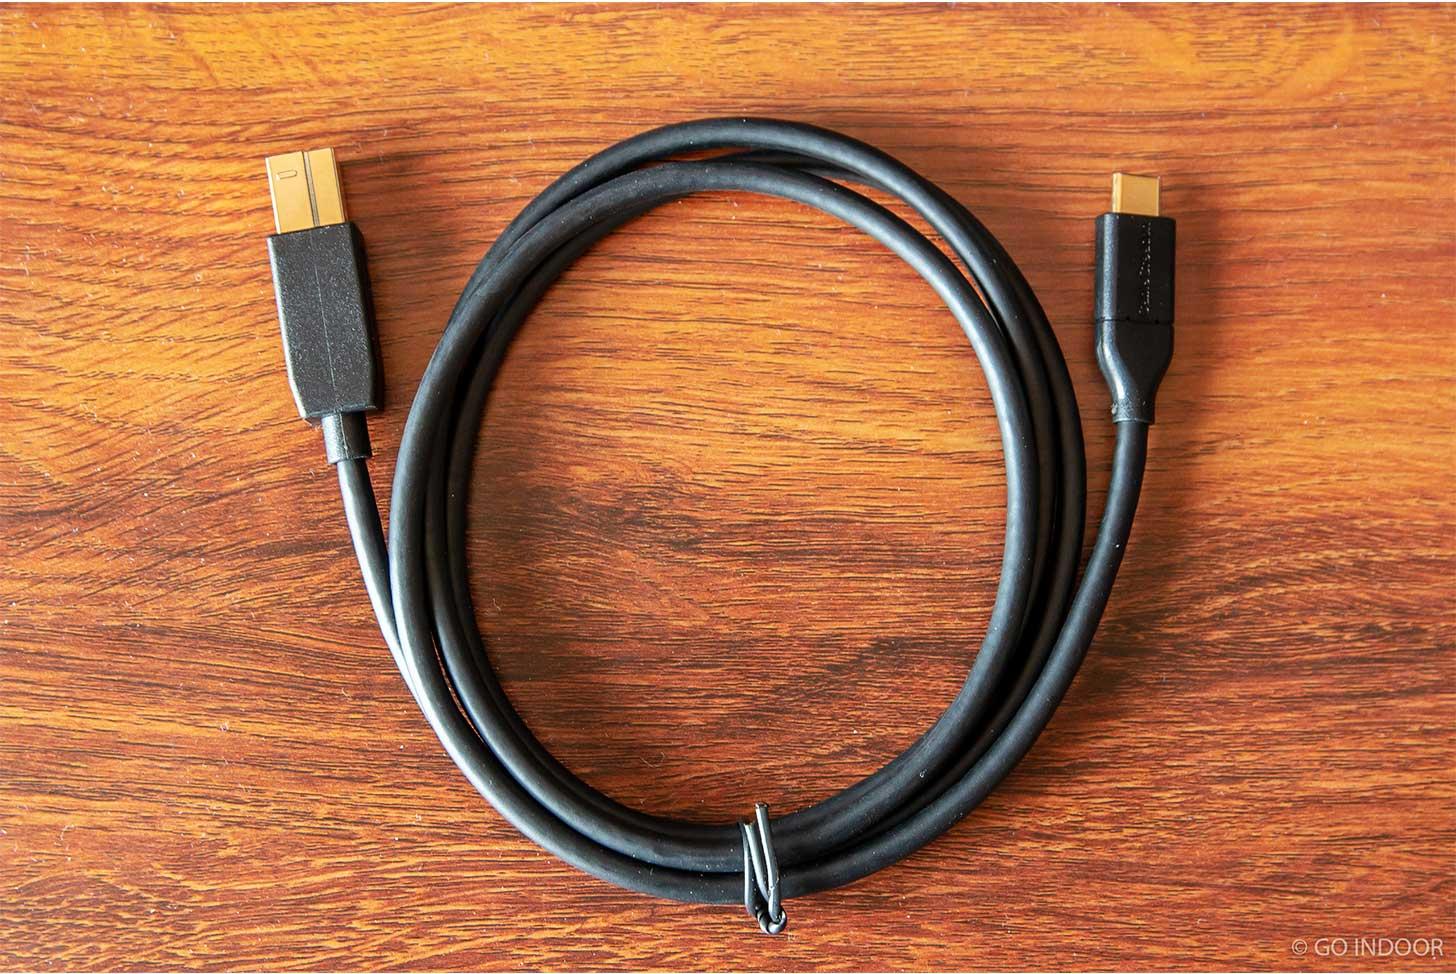 「USB-C - USB 3.0 Type B」ケーブルレビュー記事のアイキャッチ